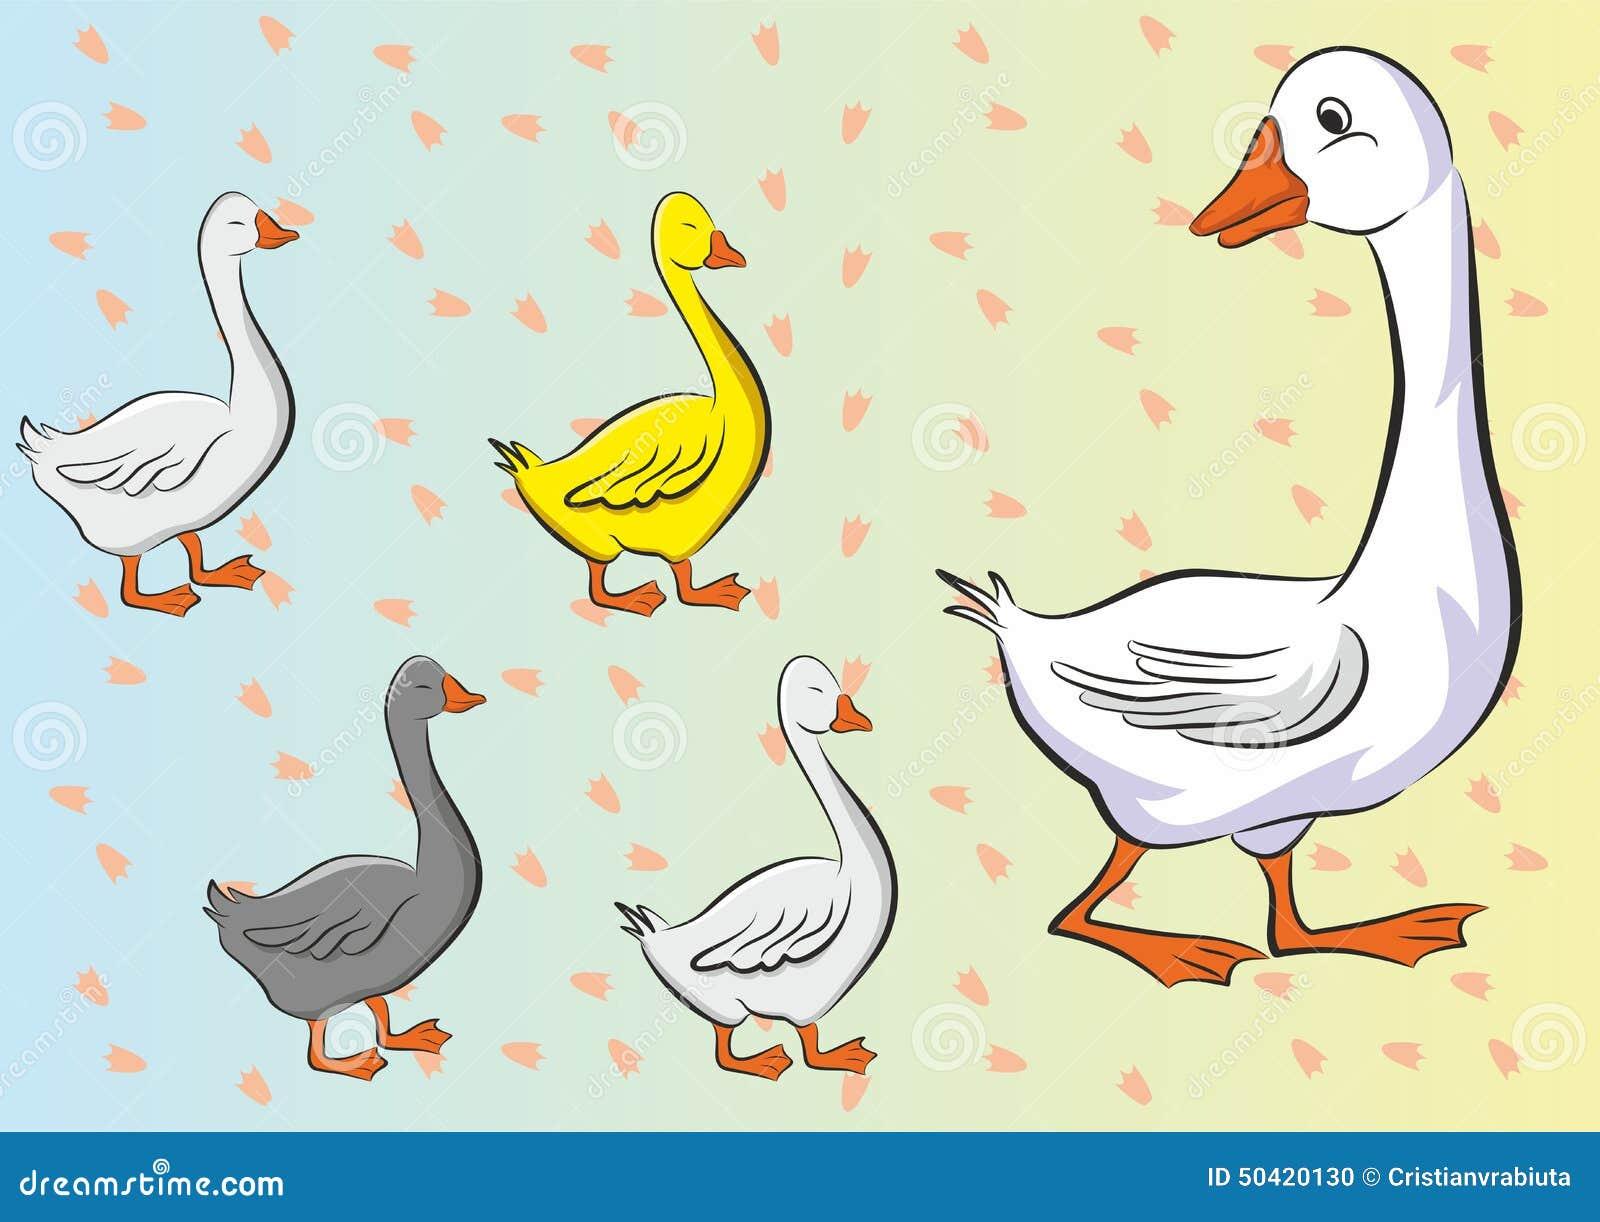 Mime al pato y a sus pequeños patos felices con el fondo de las huellas